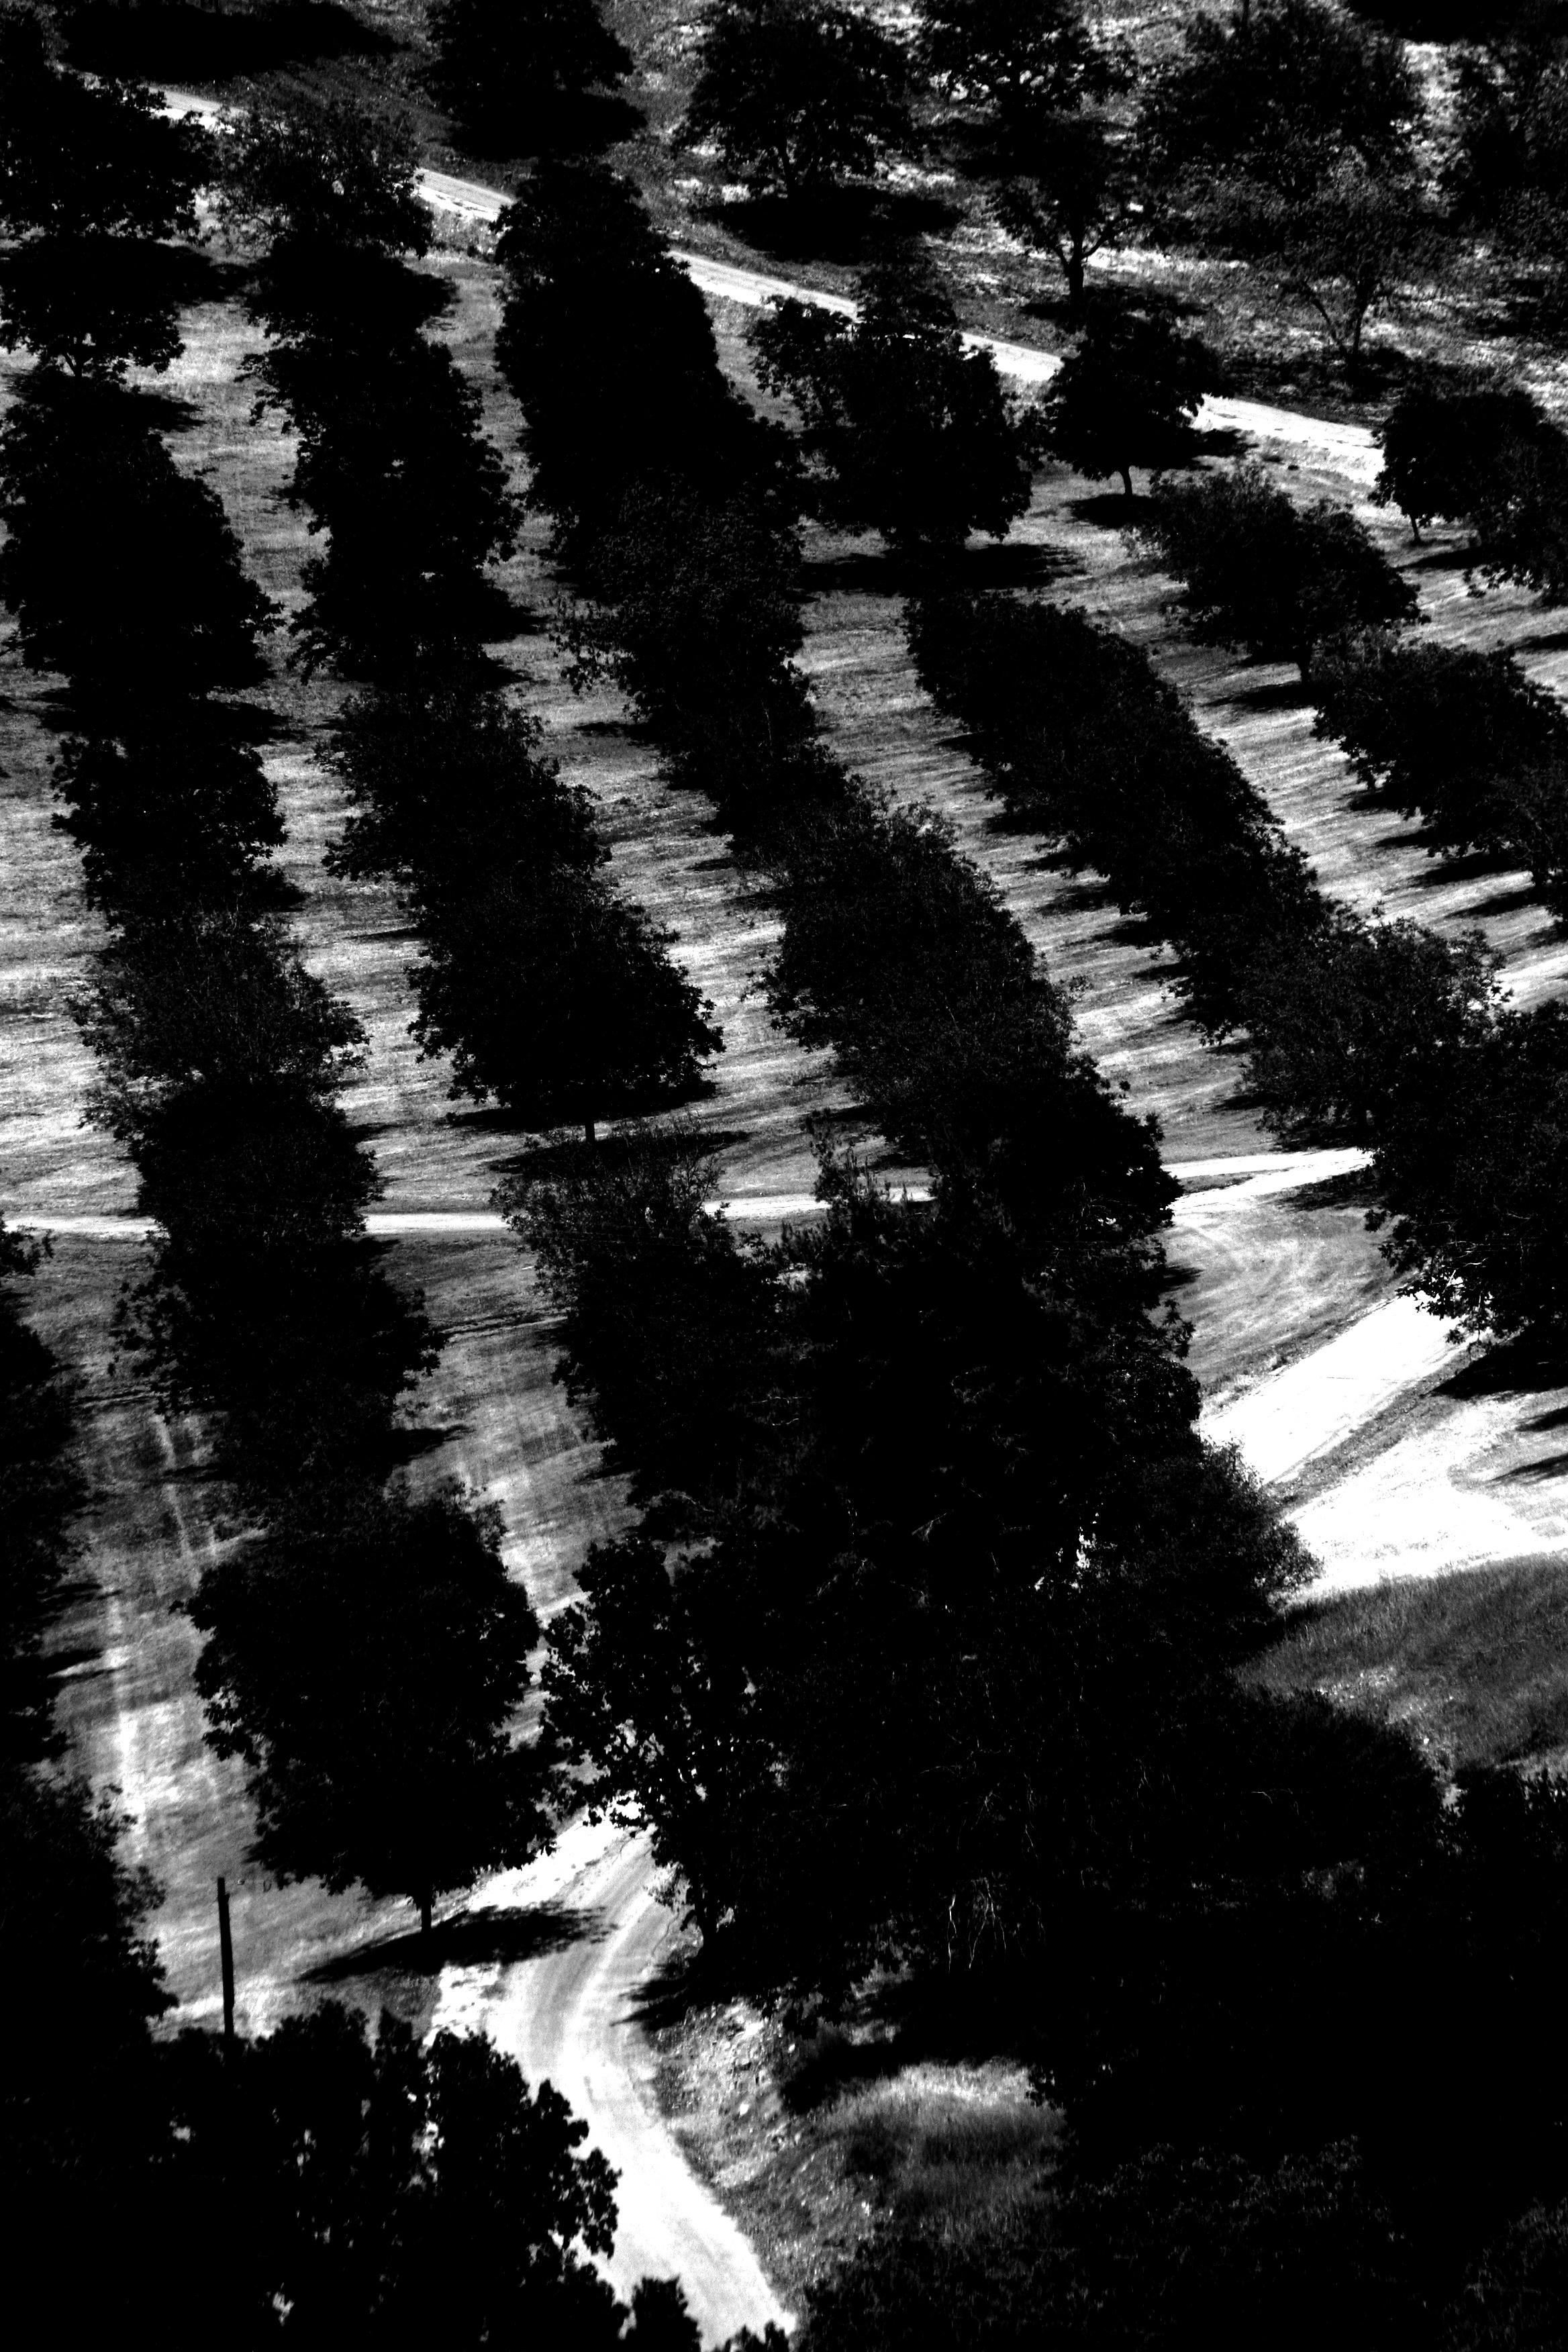 trees in black